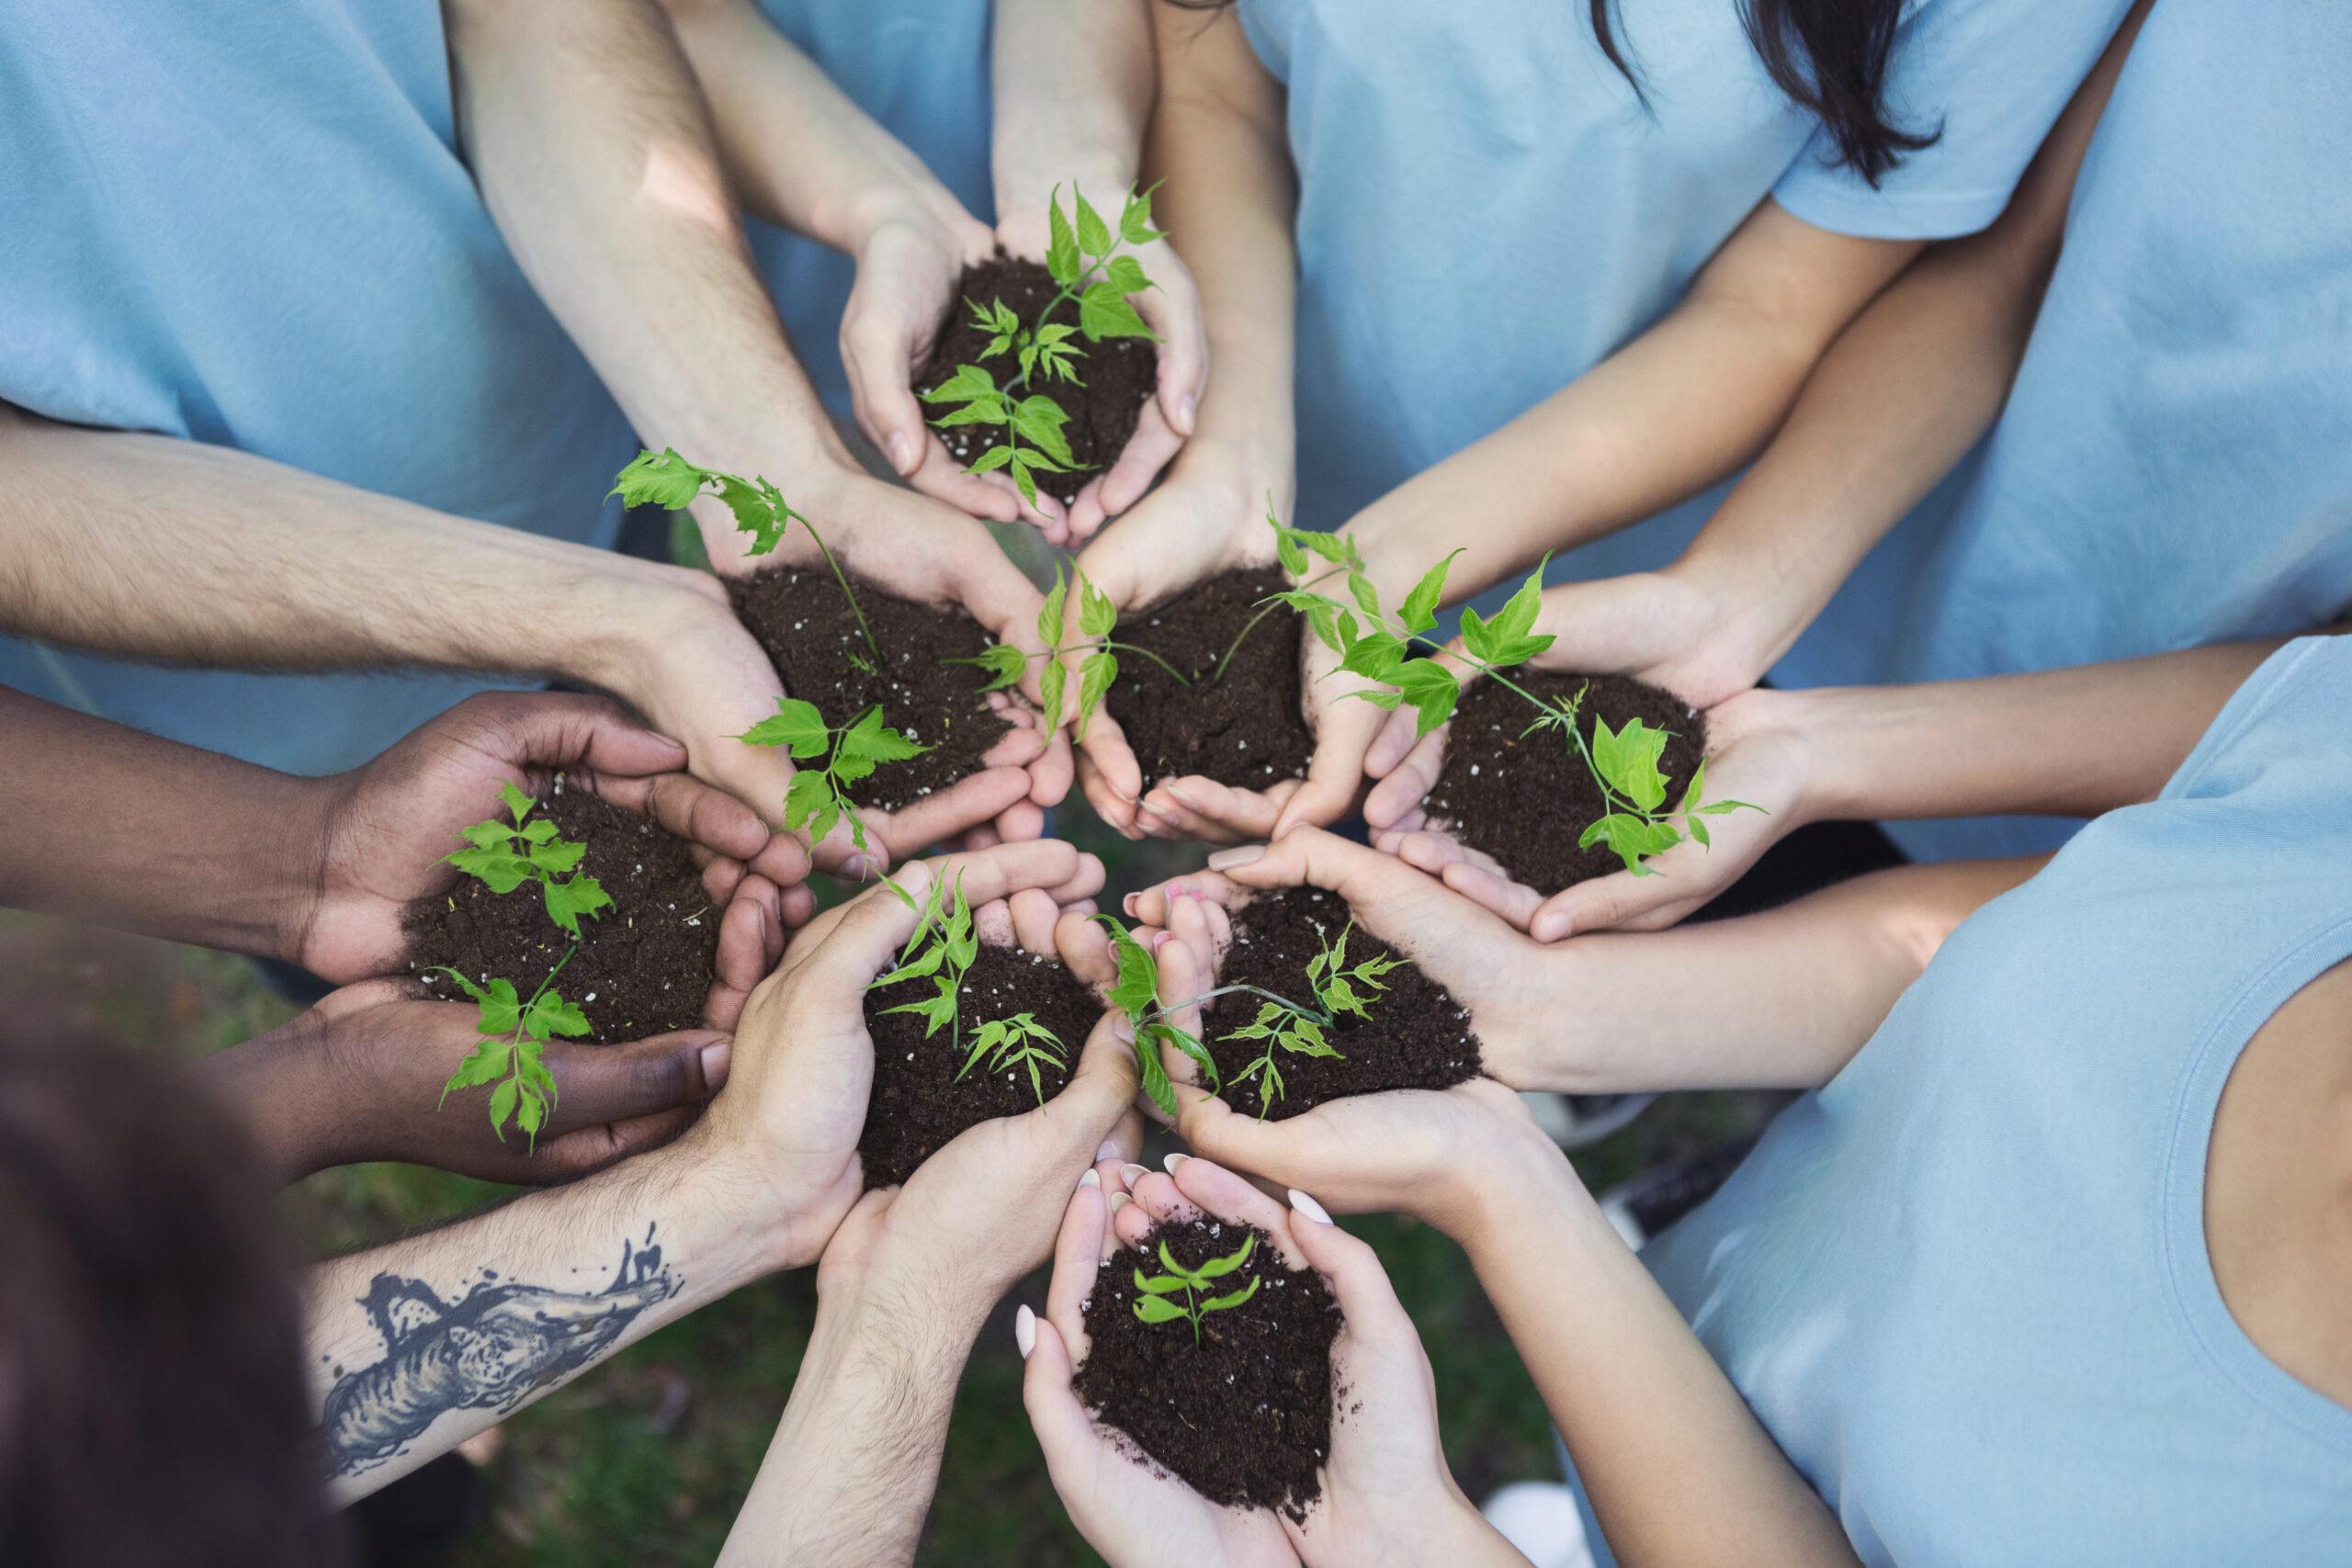 Mehrere Menschen die ihre Hände zur Mitte hin strecken. Sie halten jeder eine handvoll Erde mit kleinen Pflanzen.